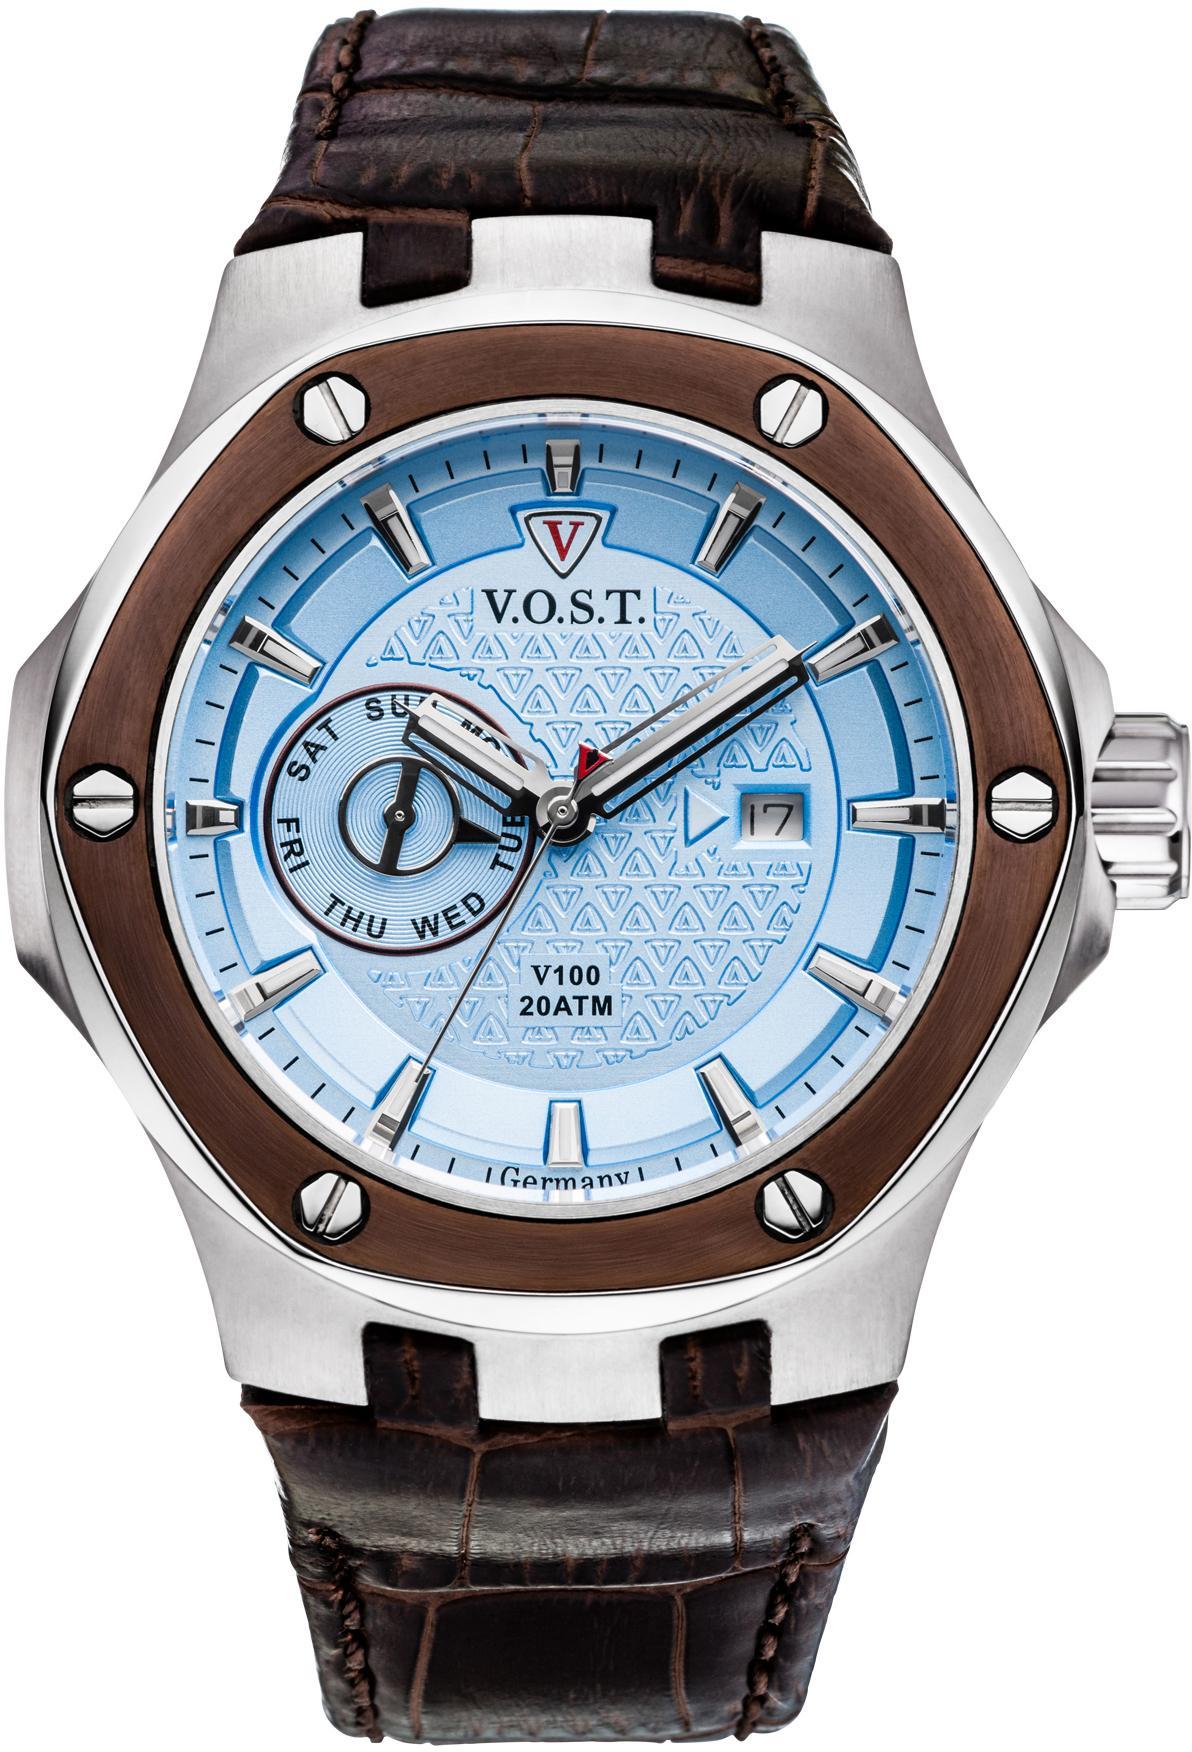 V.O.S.T Germany Multifunktionsuhr V100.020.M2.SI.L.I   Uhren > Multifunktionsuhren   V.O.S.T Germany